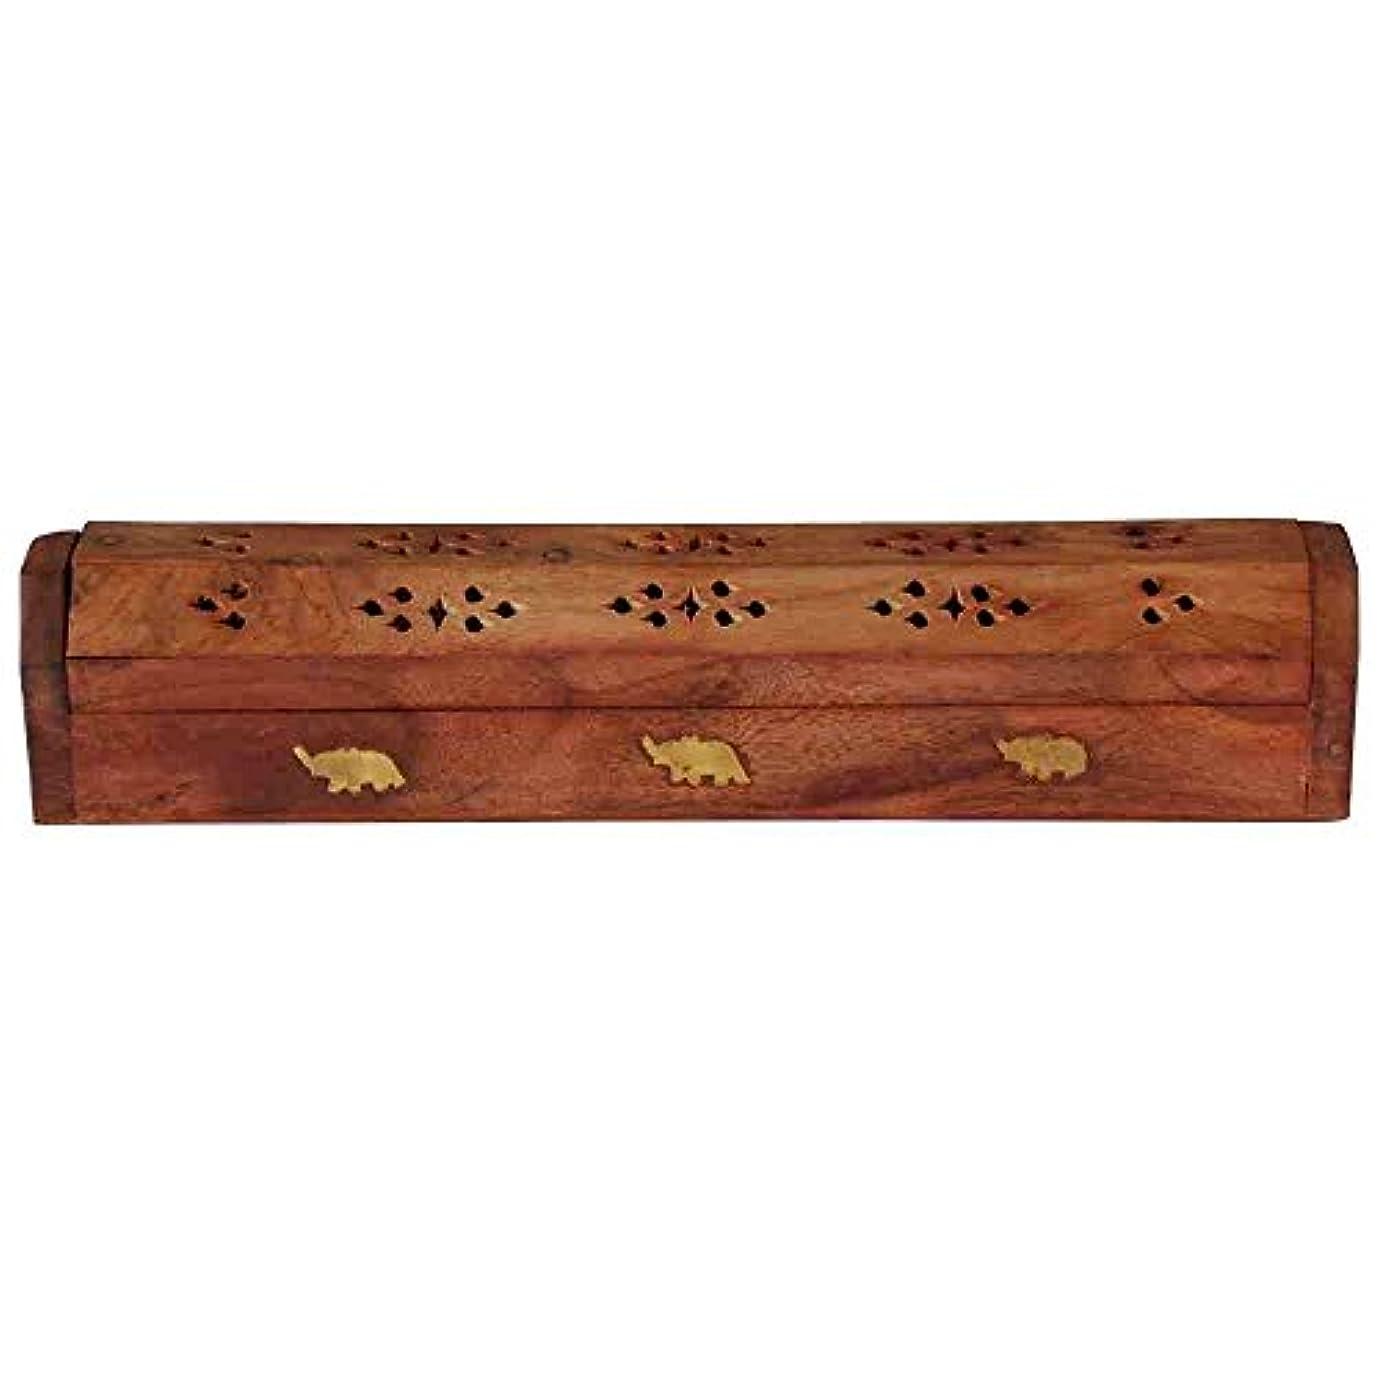 ホームDecor Wooden Carved Incense Sticks Burner Ashキャッチャーホルダー、木製の棺香炉